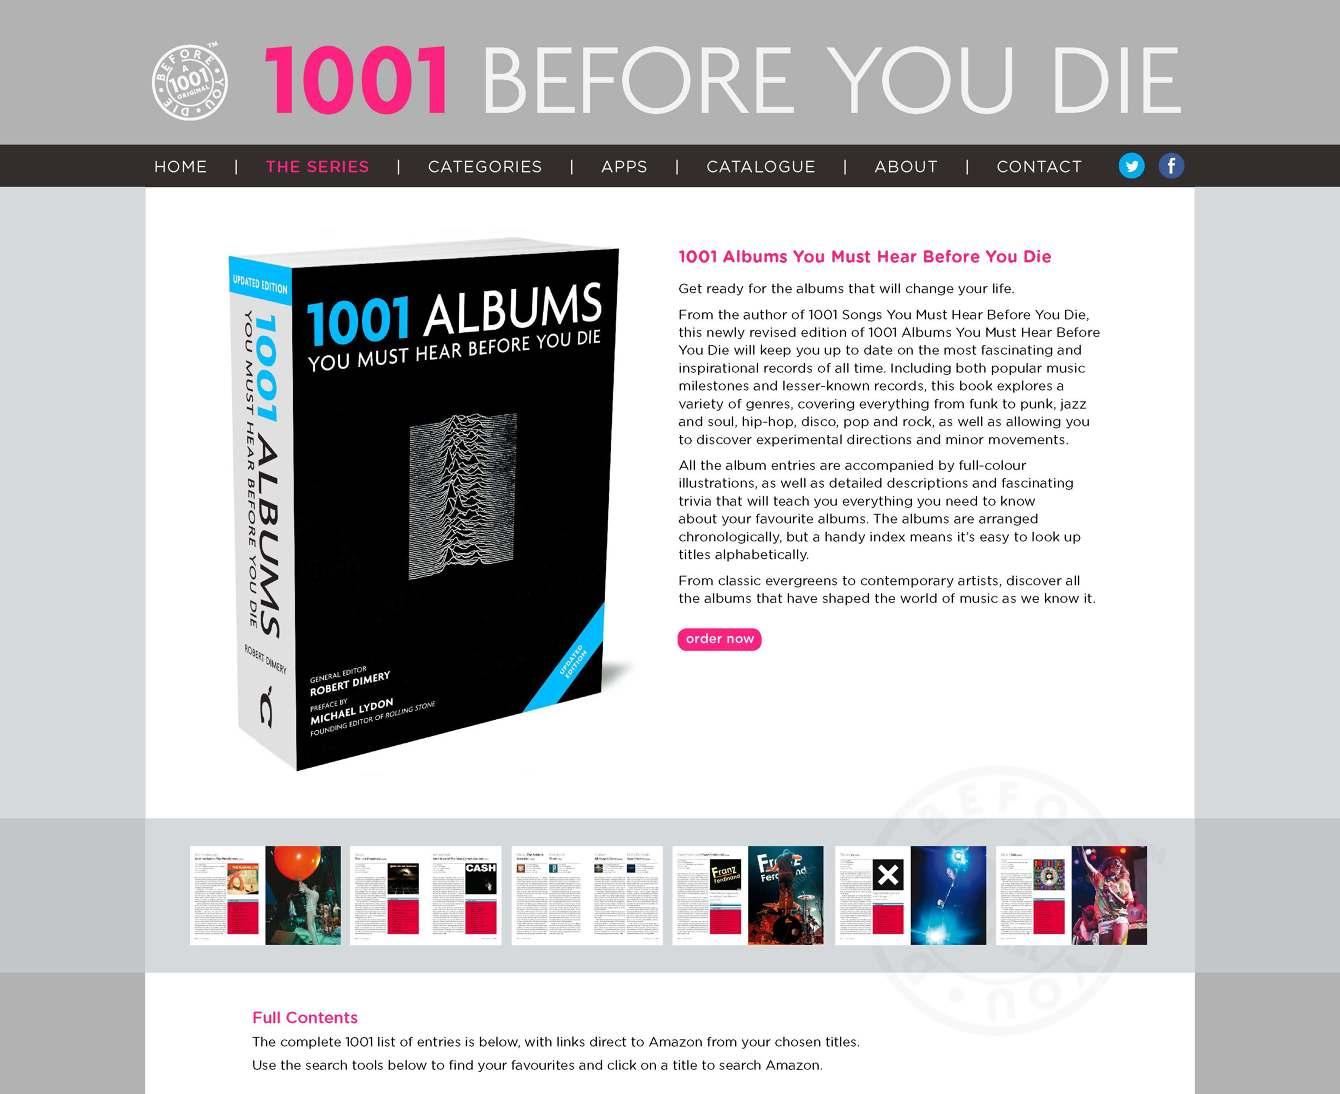 1001 Games To Play Before You Die List 1001 before you die website - isabel eeles